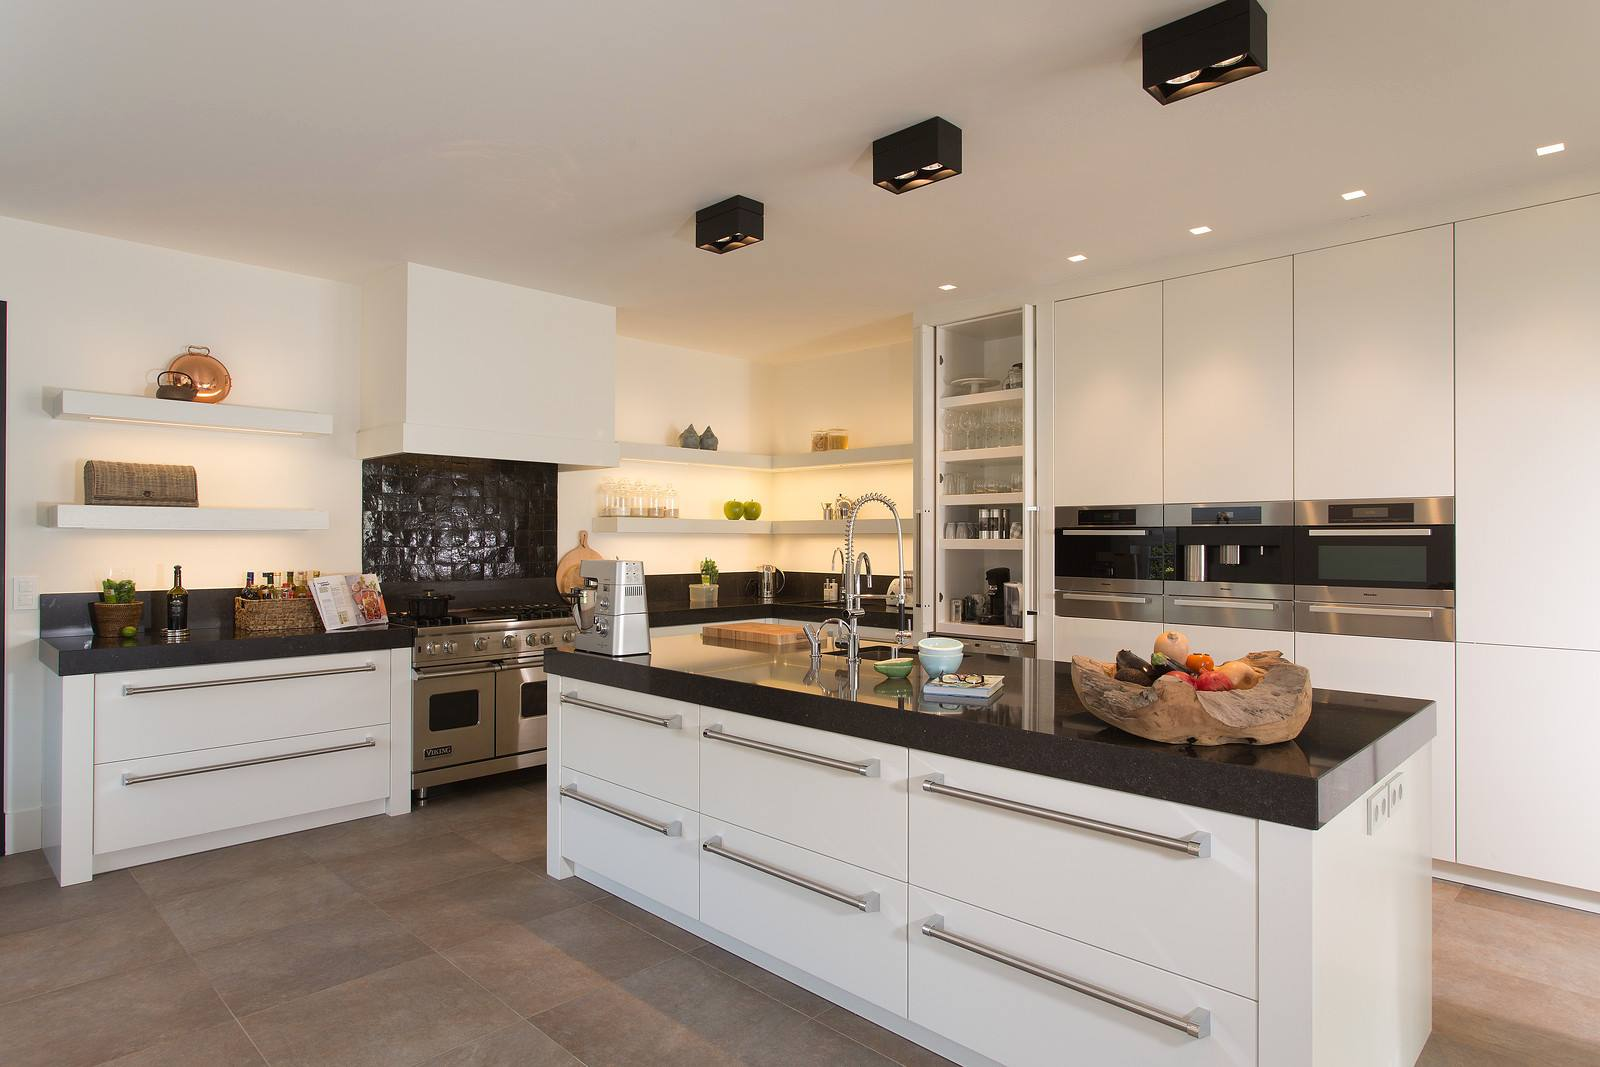 Keuken aanrecht beste inspiratie voor huis ontwerp - Www keuken decoratie ...